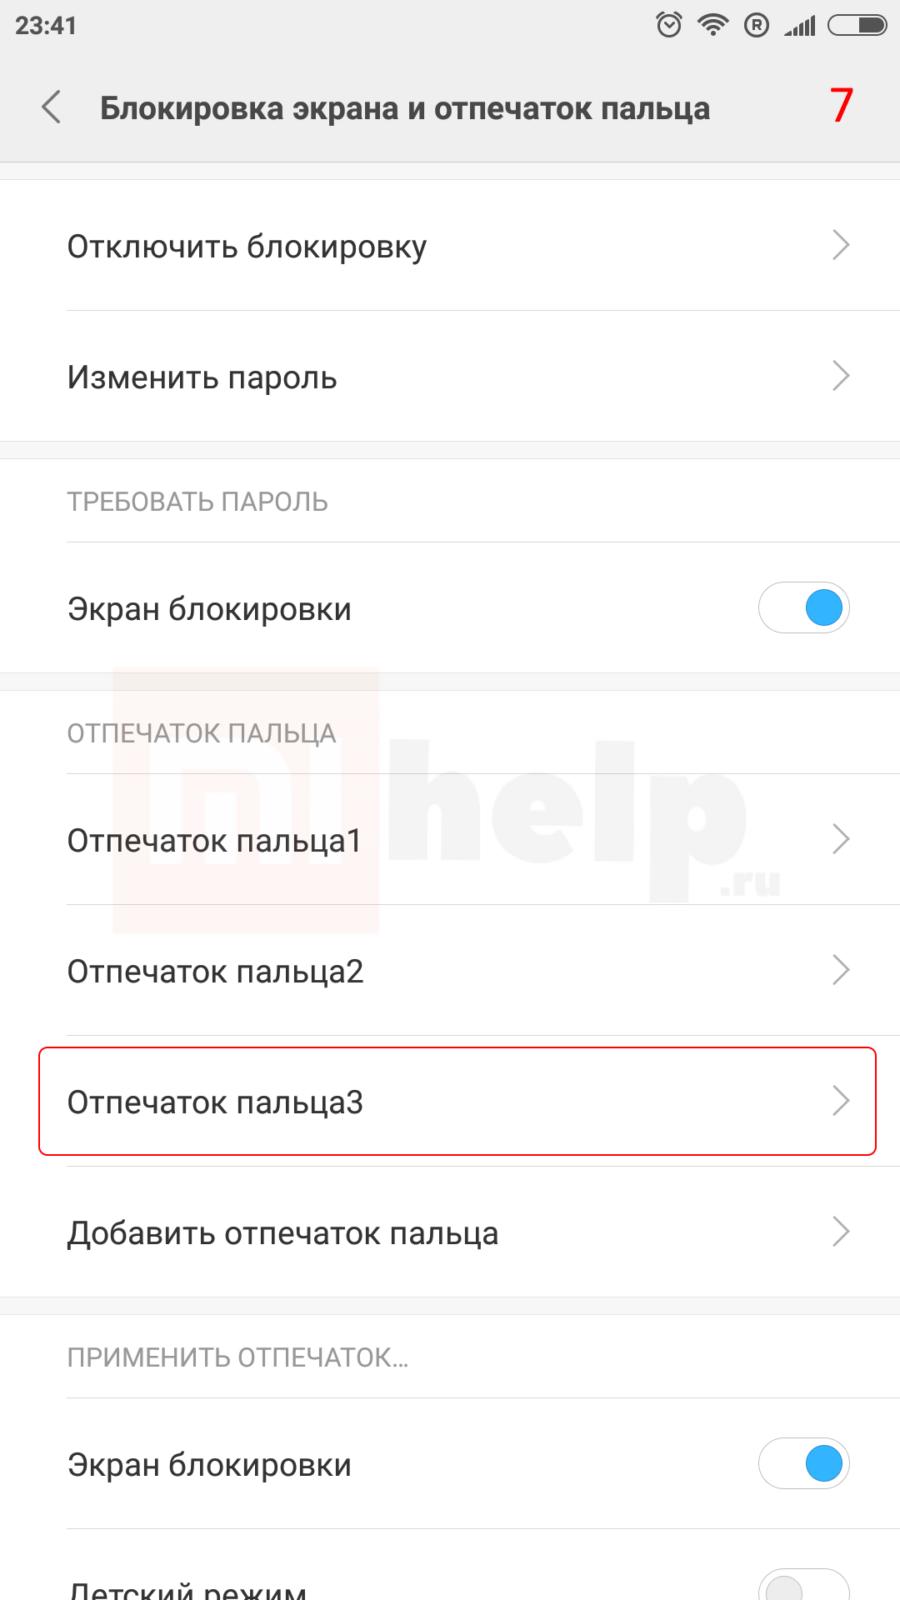 Блокировка номеров телефонов и контактов на устройствах 33